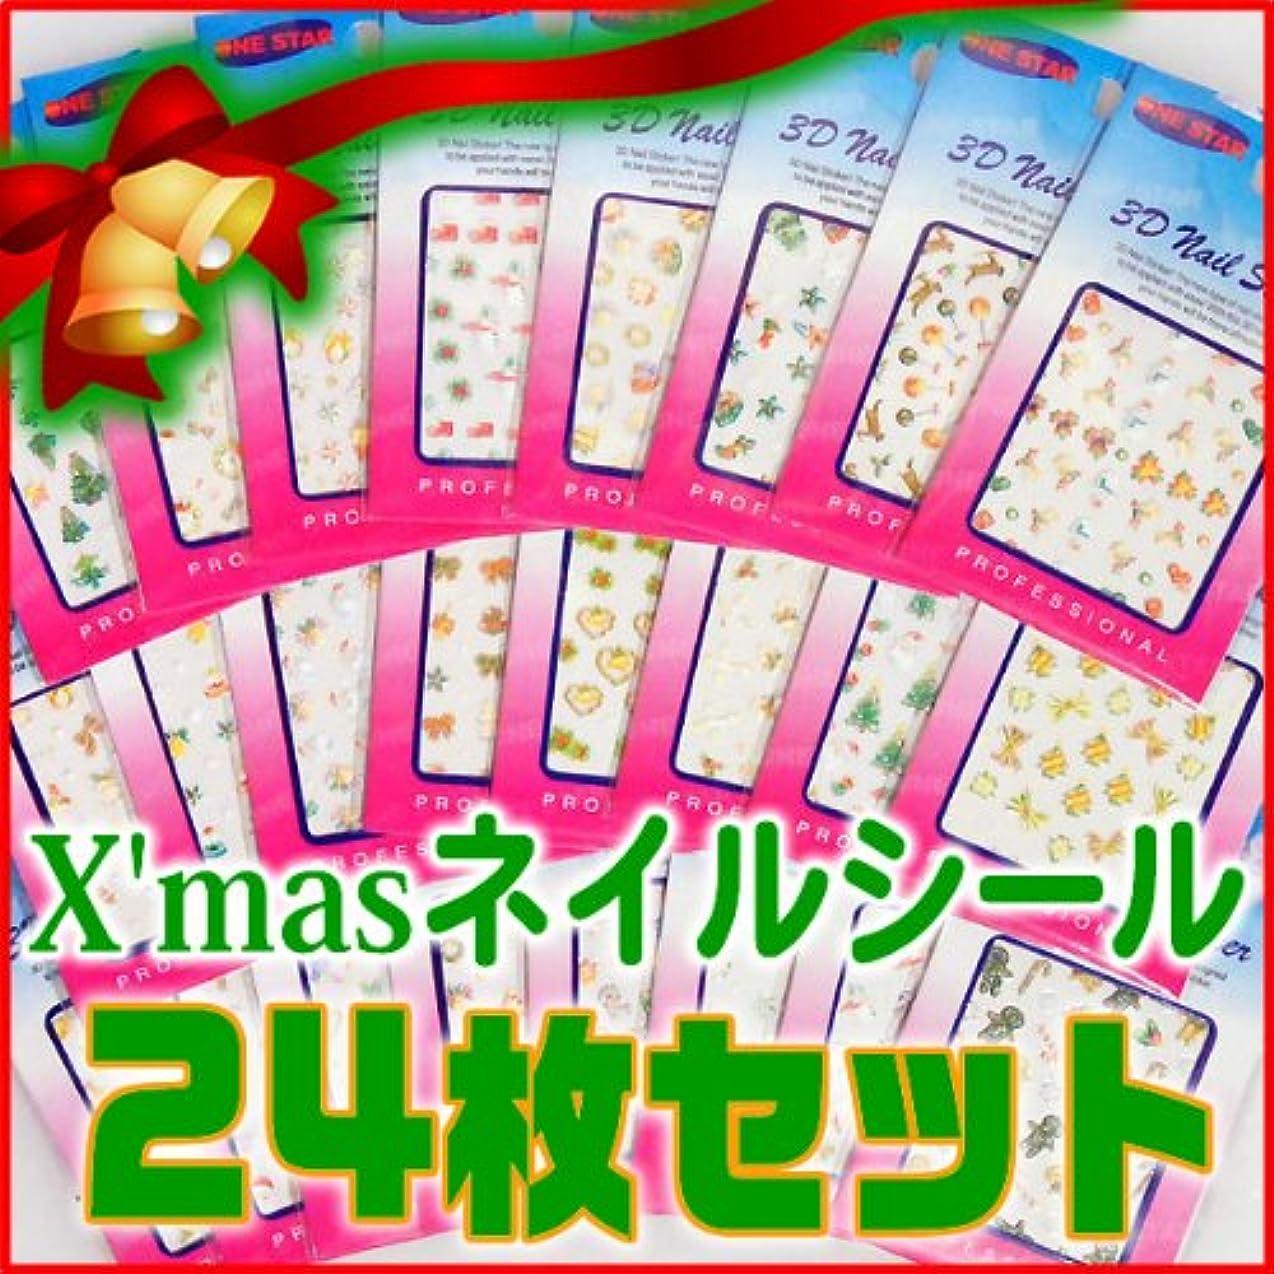 埋める物理学者等価ネイルシール 福袋 クリスマスネイルシール24枚セット